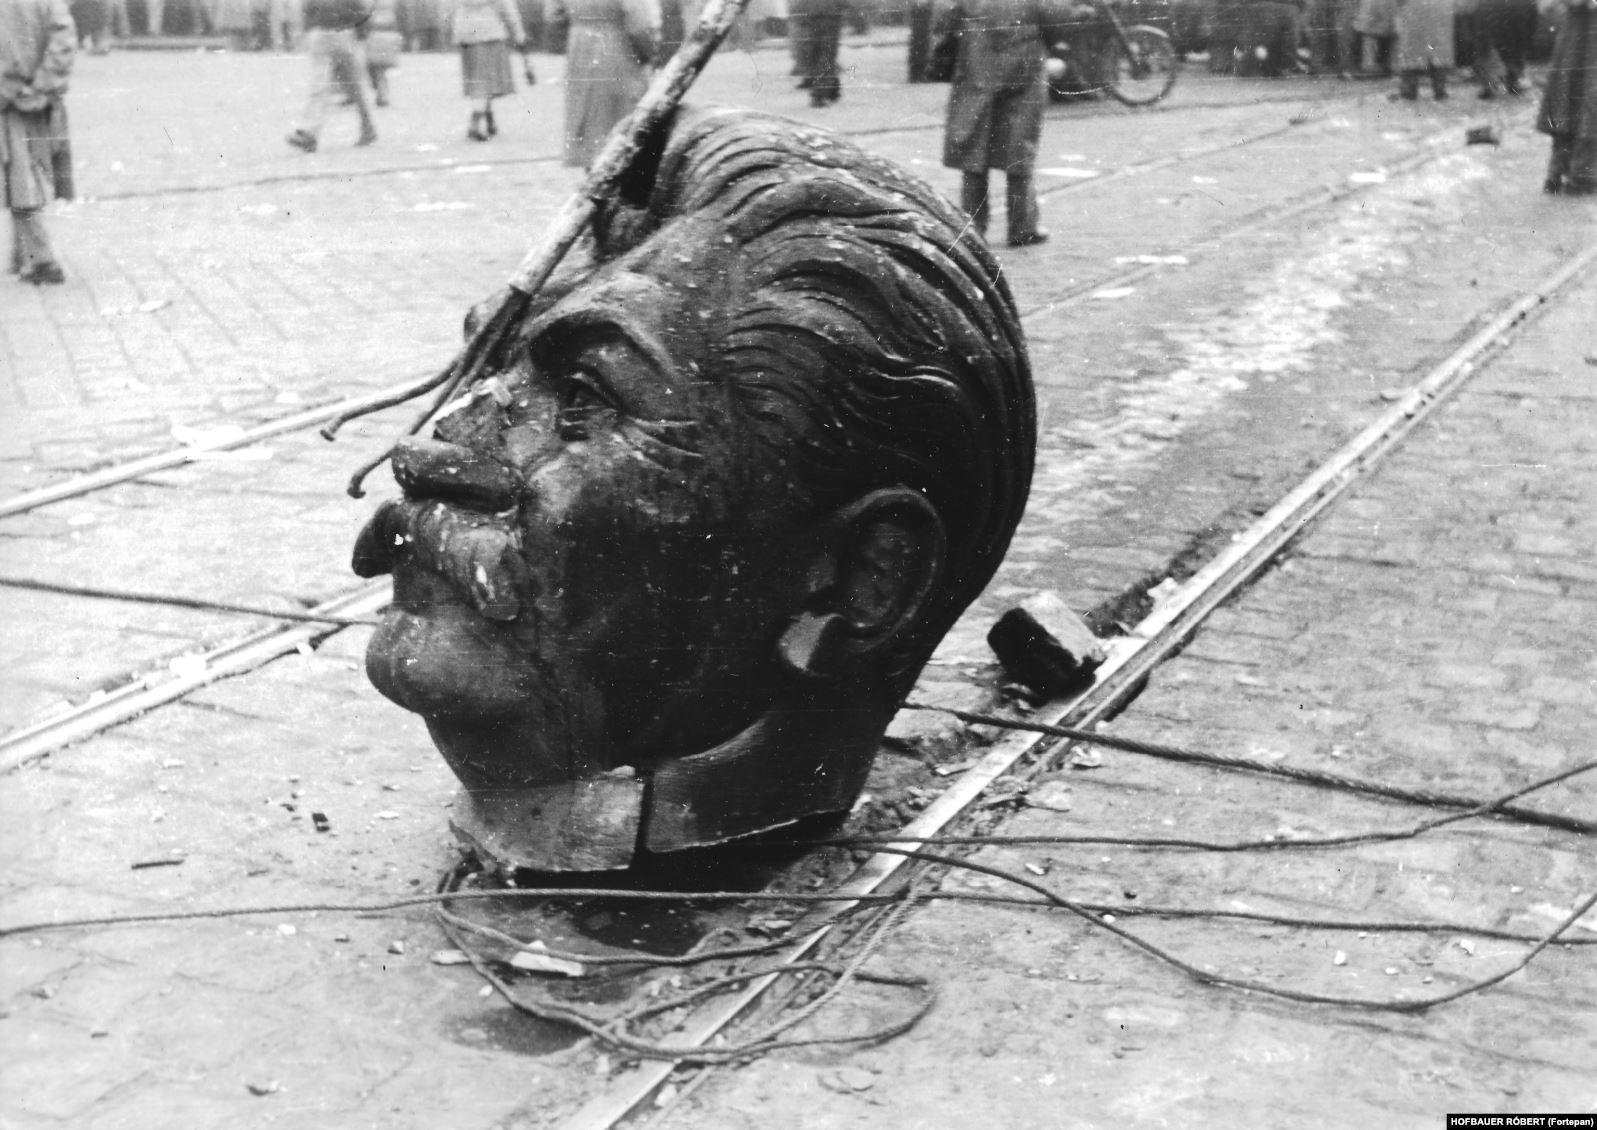 Голова Сталина с того самого монумента после того, как ее немного поволокли по улицам. Революция 1956 года началась со студенческих протестов, но очень скоро стала массовым восстанием против венгерского коммунистического режима